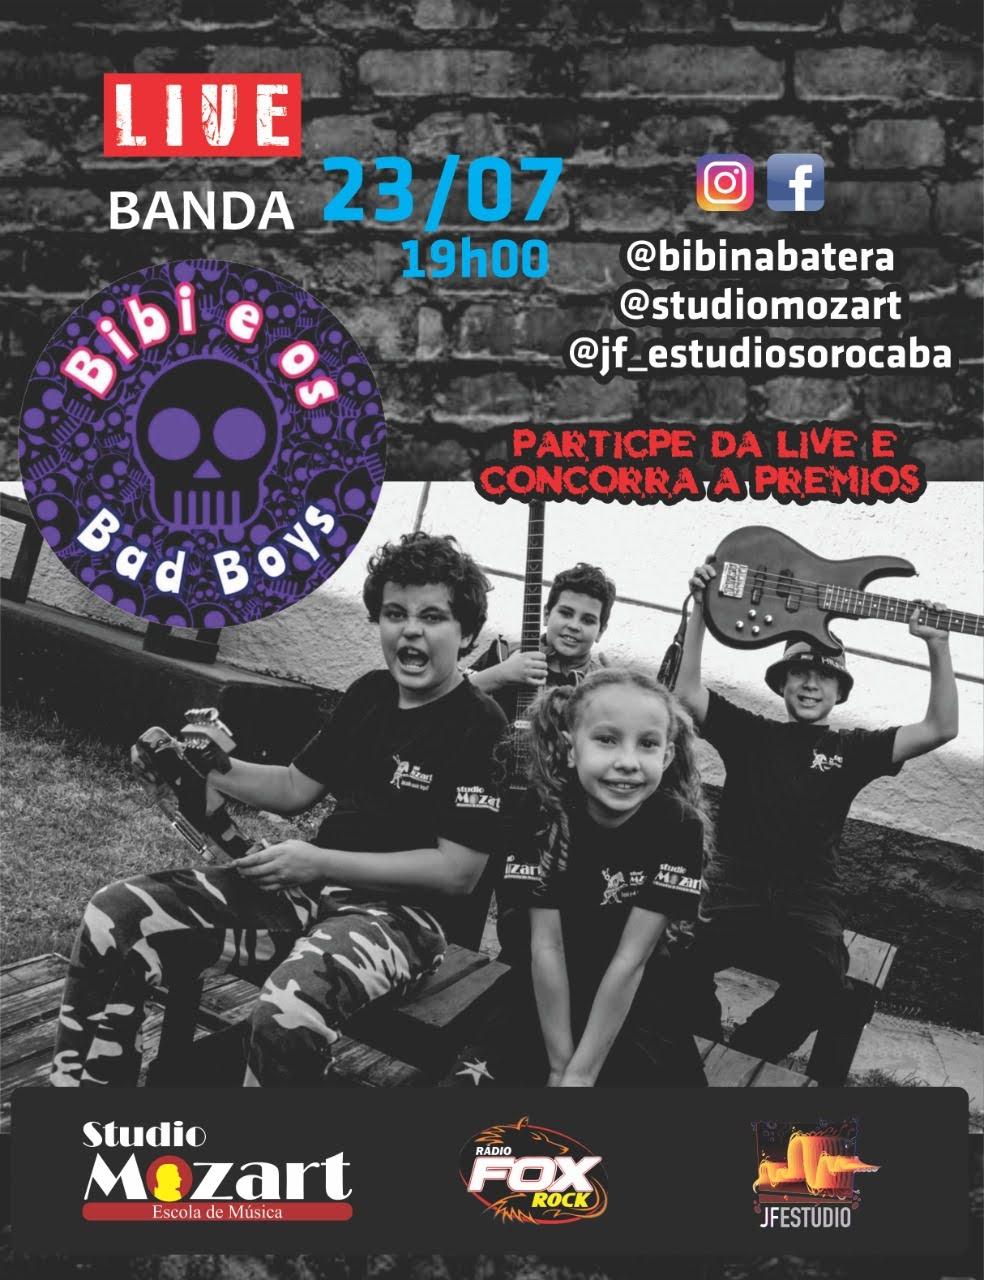 LIVE com a banda Bibi e os Bad Boys